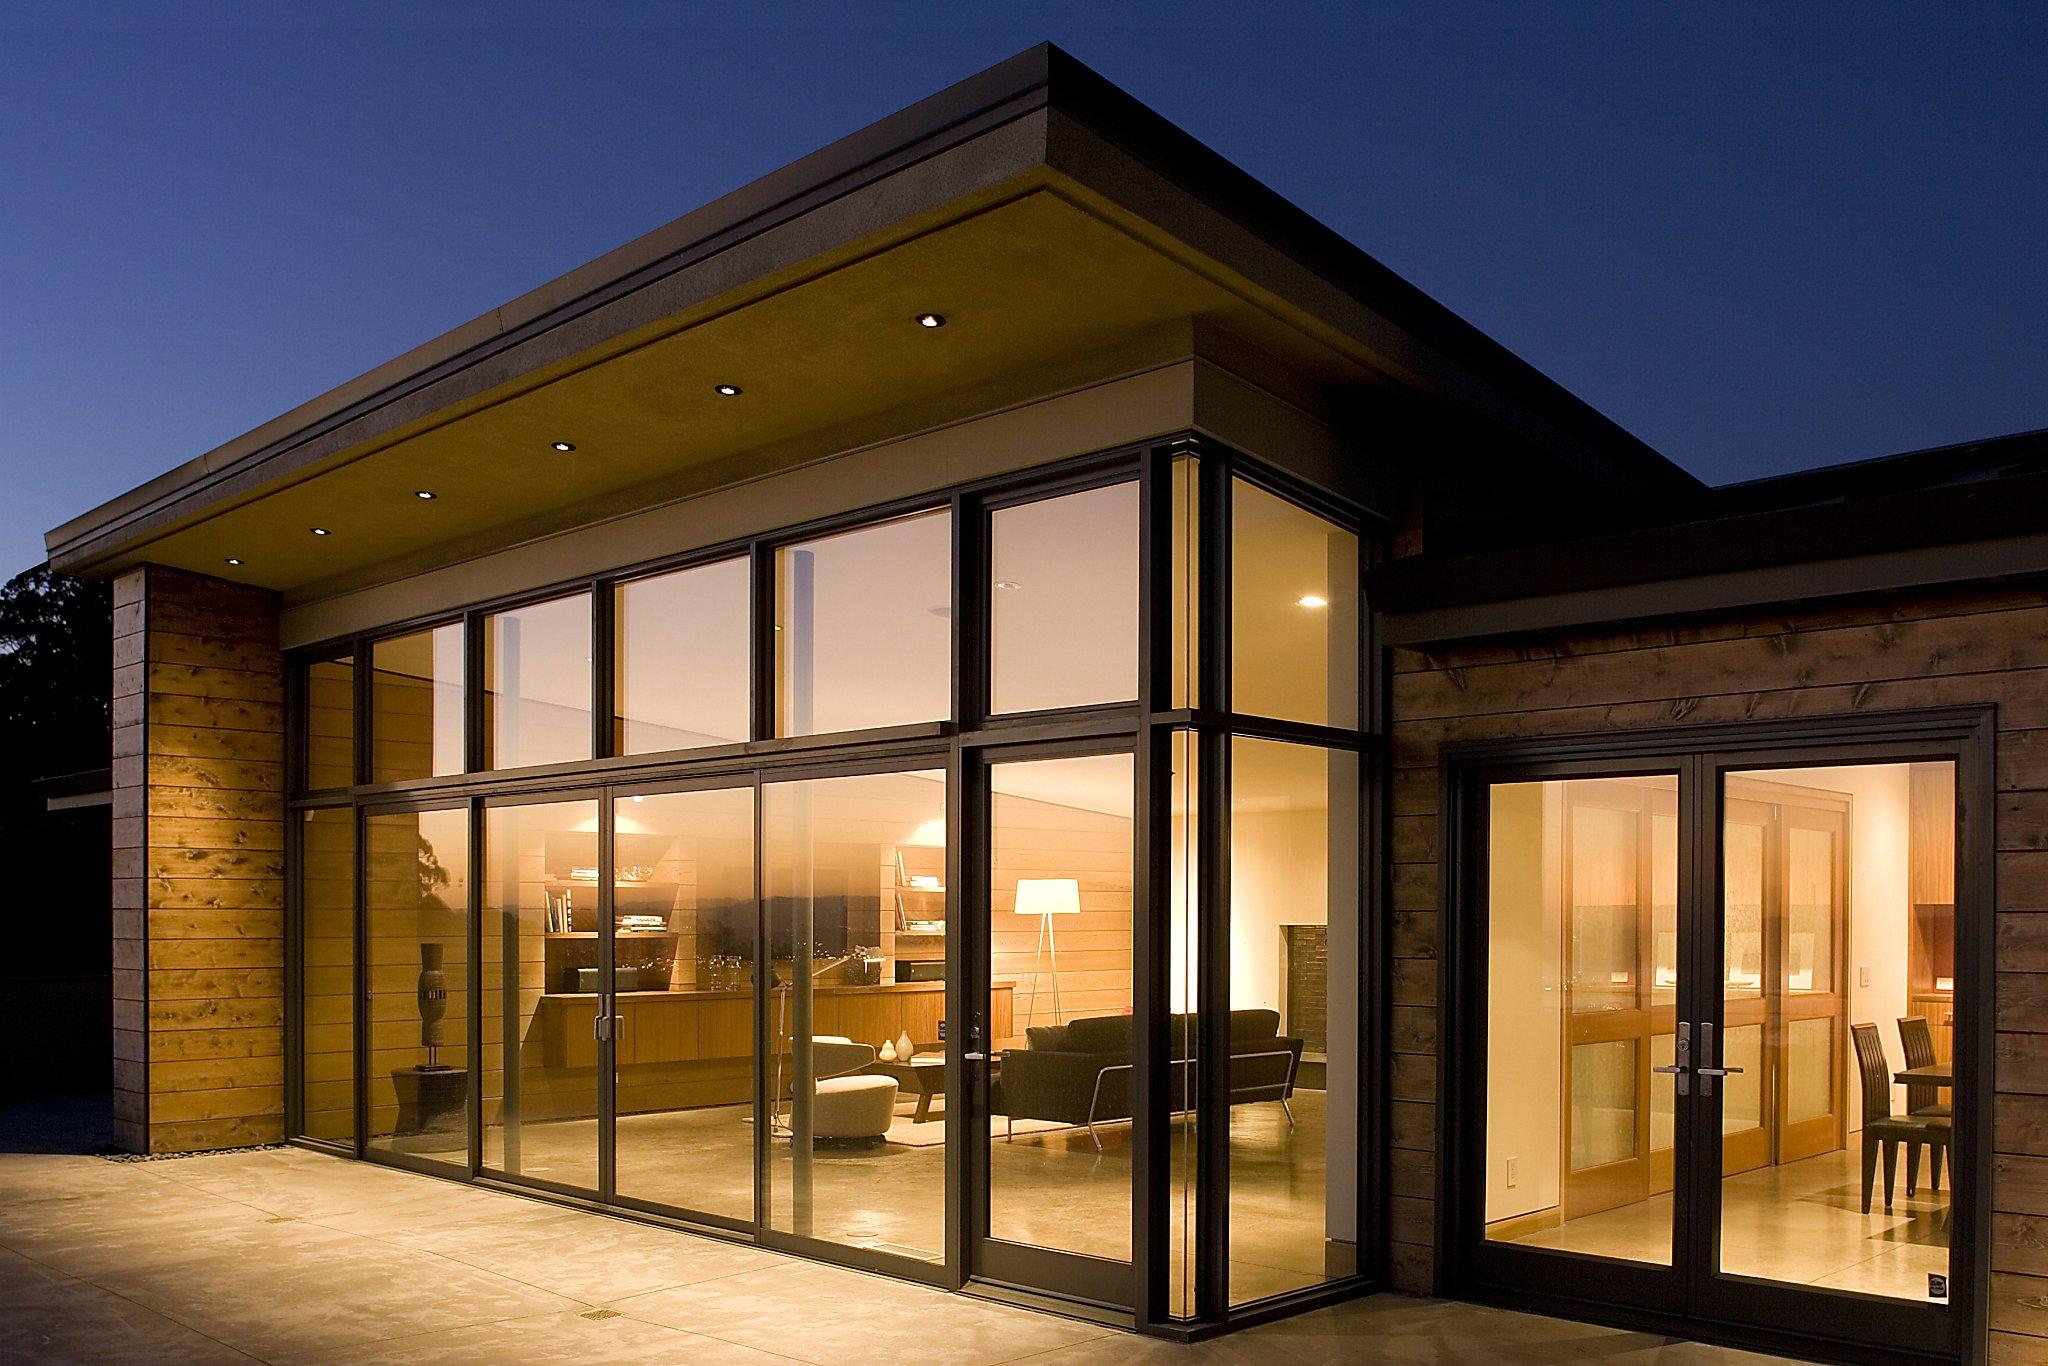 фото лицо красивые дома с витражными окнами фото смартфоны